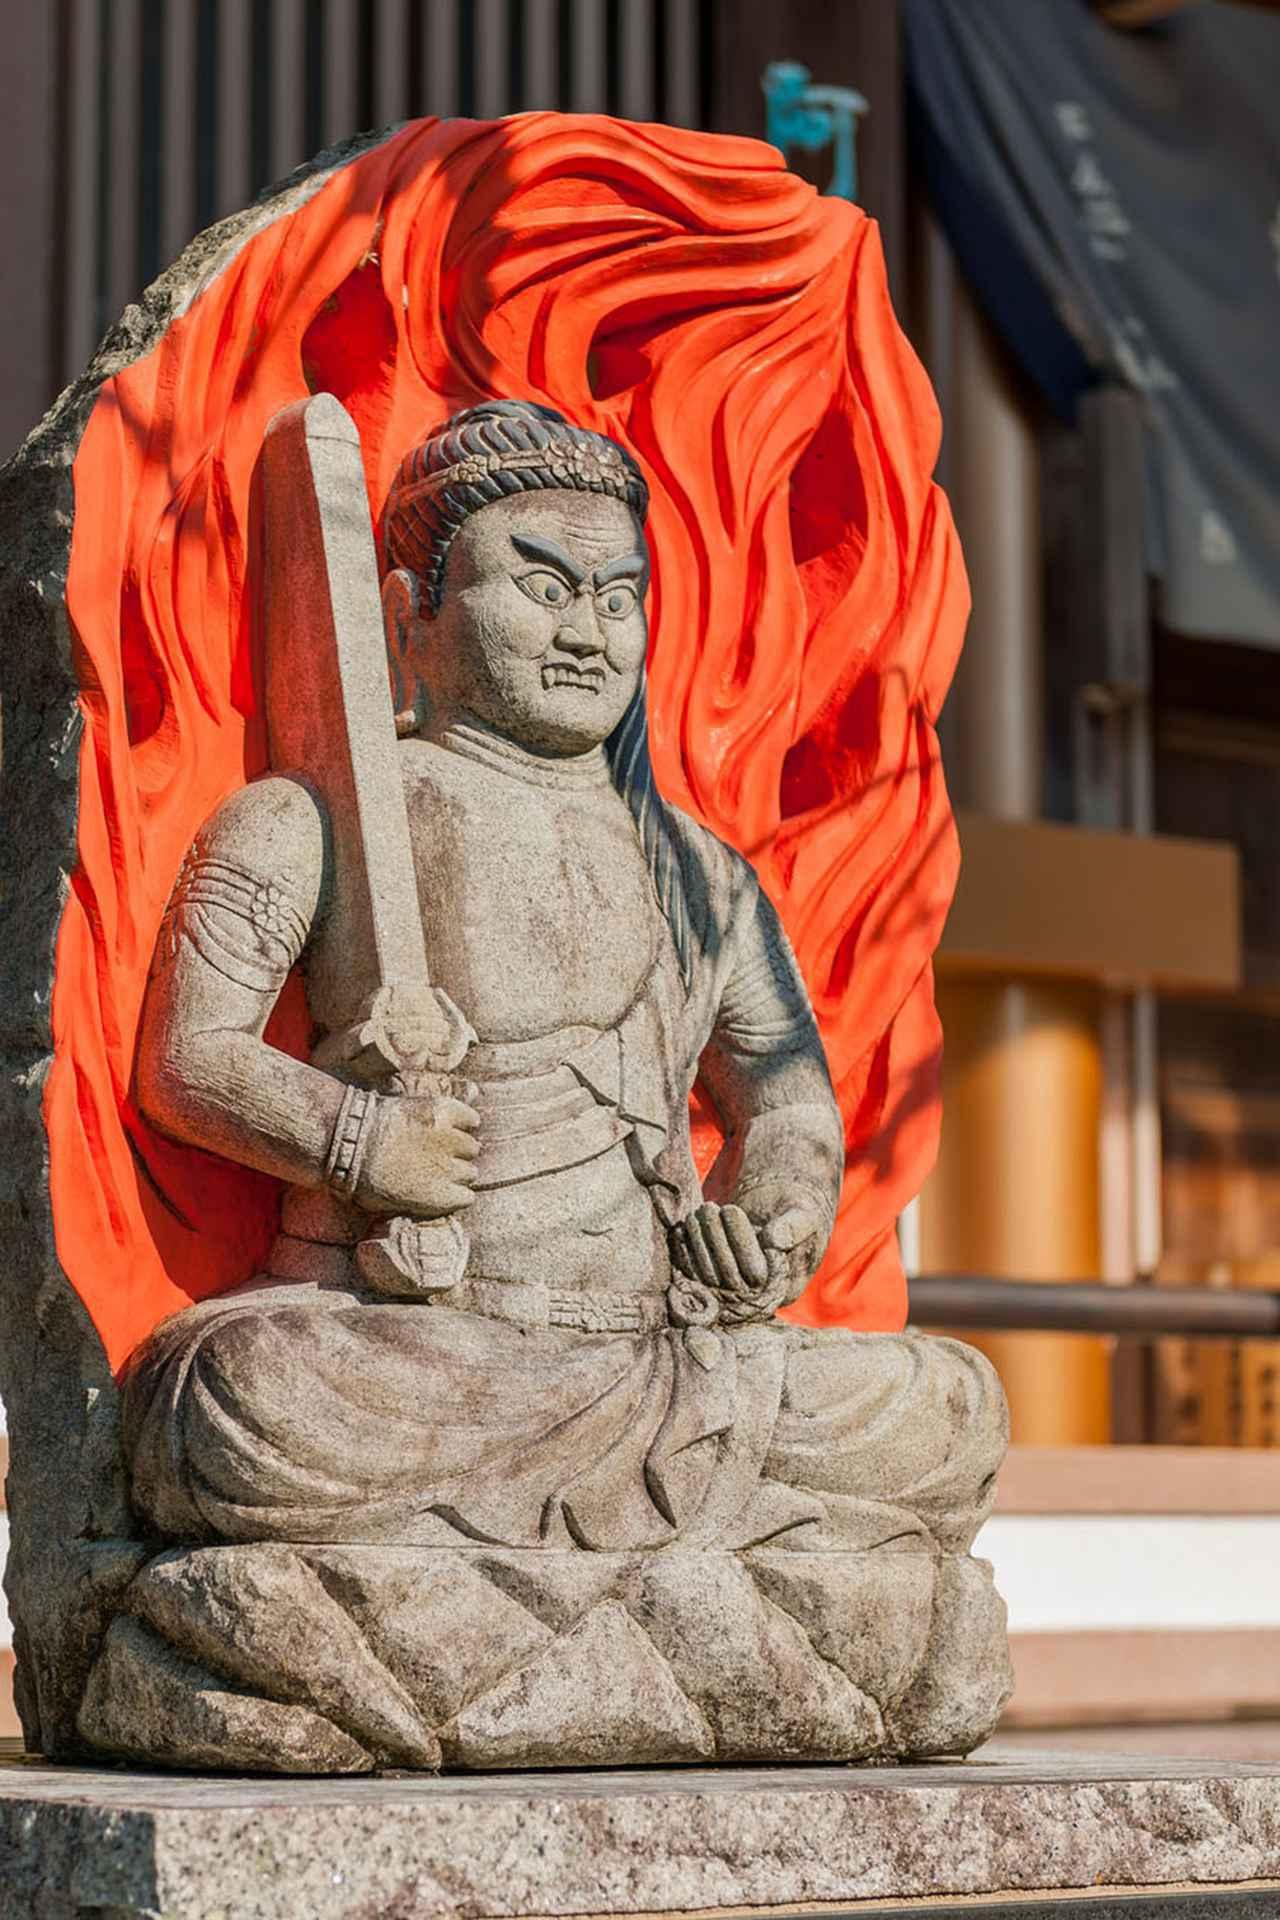 画像: 善楽寺の本堂近くには不動明王も鎮座。訪れた時は絶対にストラップを買うべしと、ご託宣があるとかないとか(?)